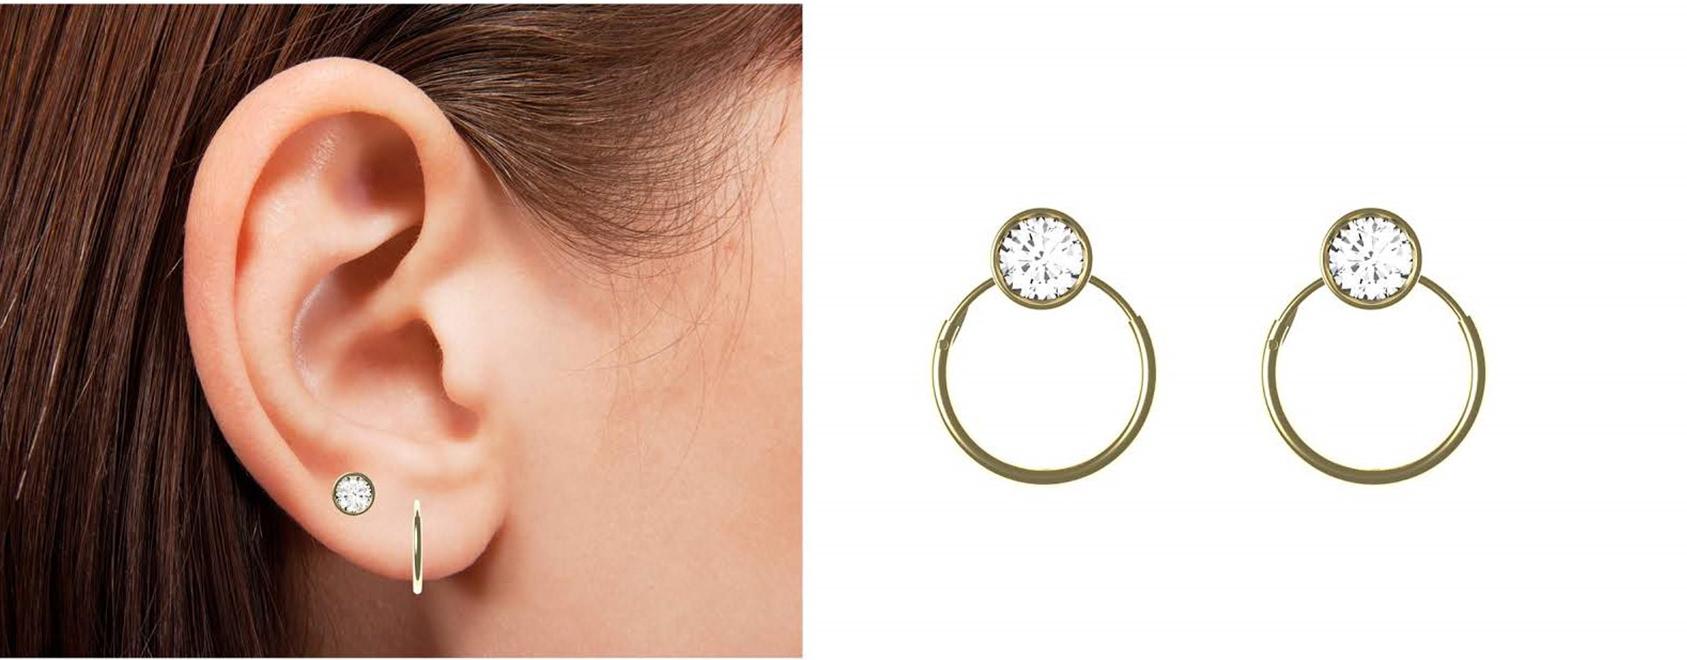 Hoop earrings worn and zoomed in